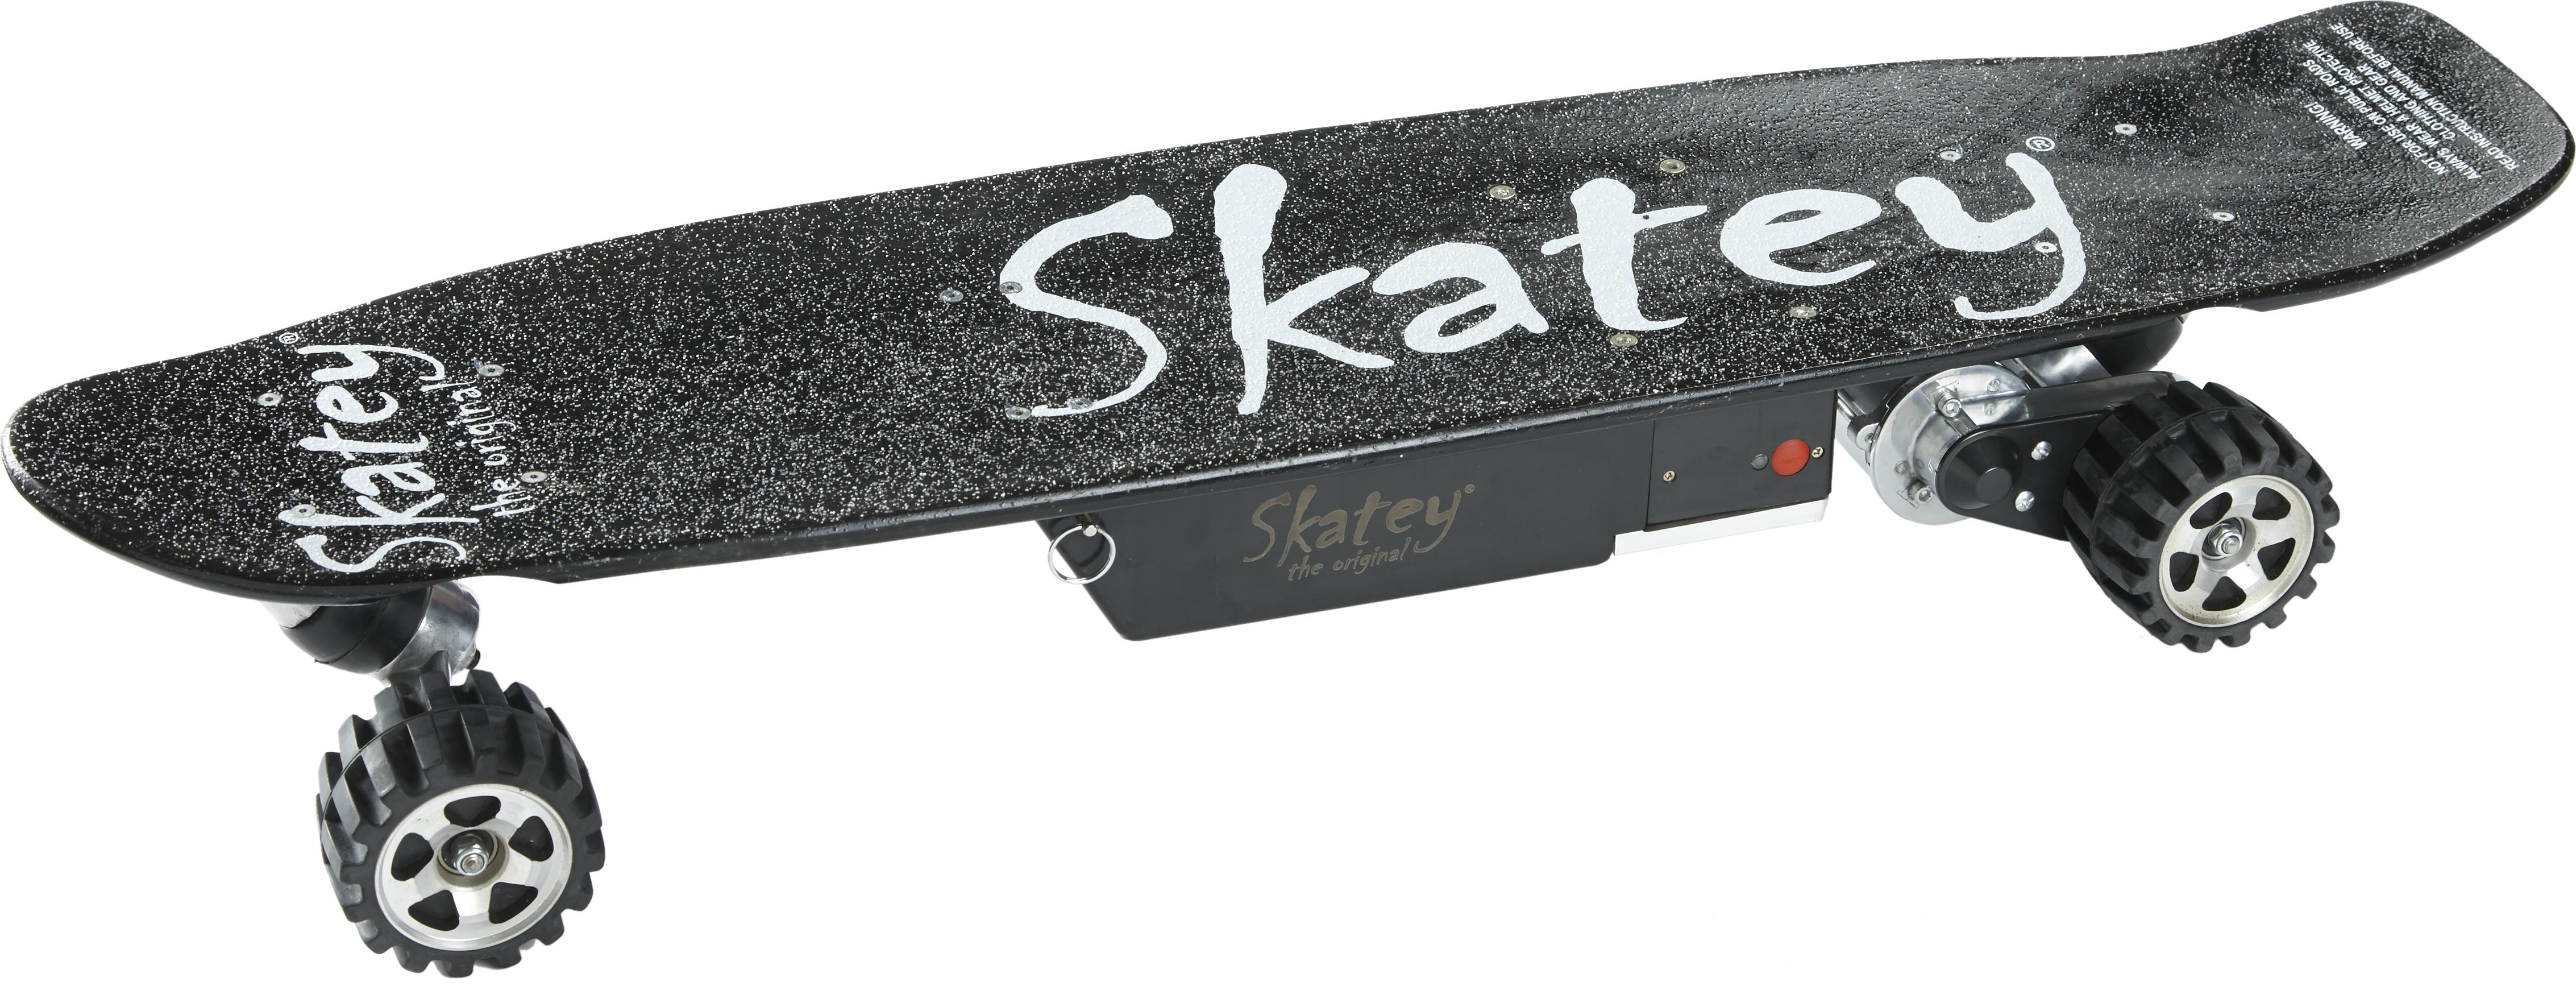 skatey 400 boards skatey elektro skateboards shop. Black Bedroom Furniture Sets. Home Design Ideas